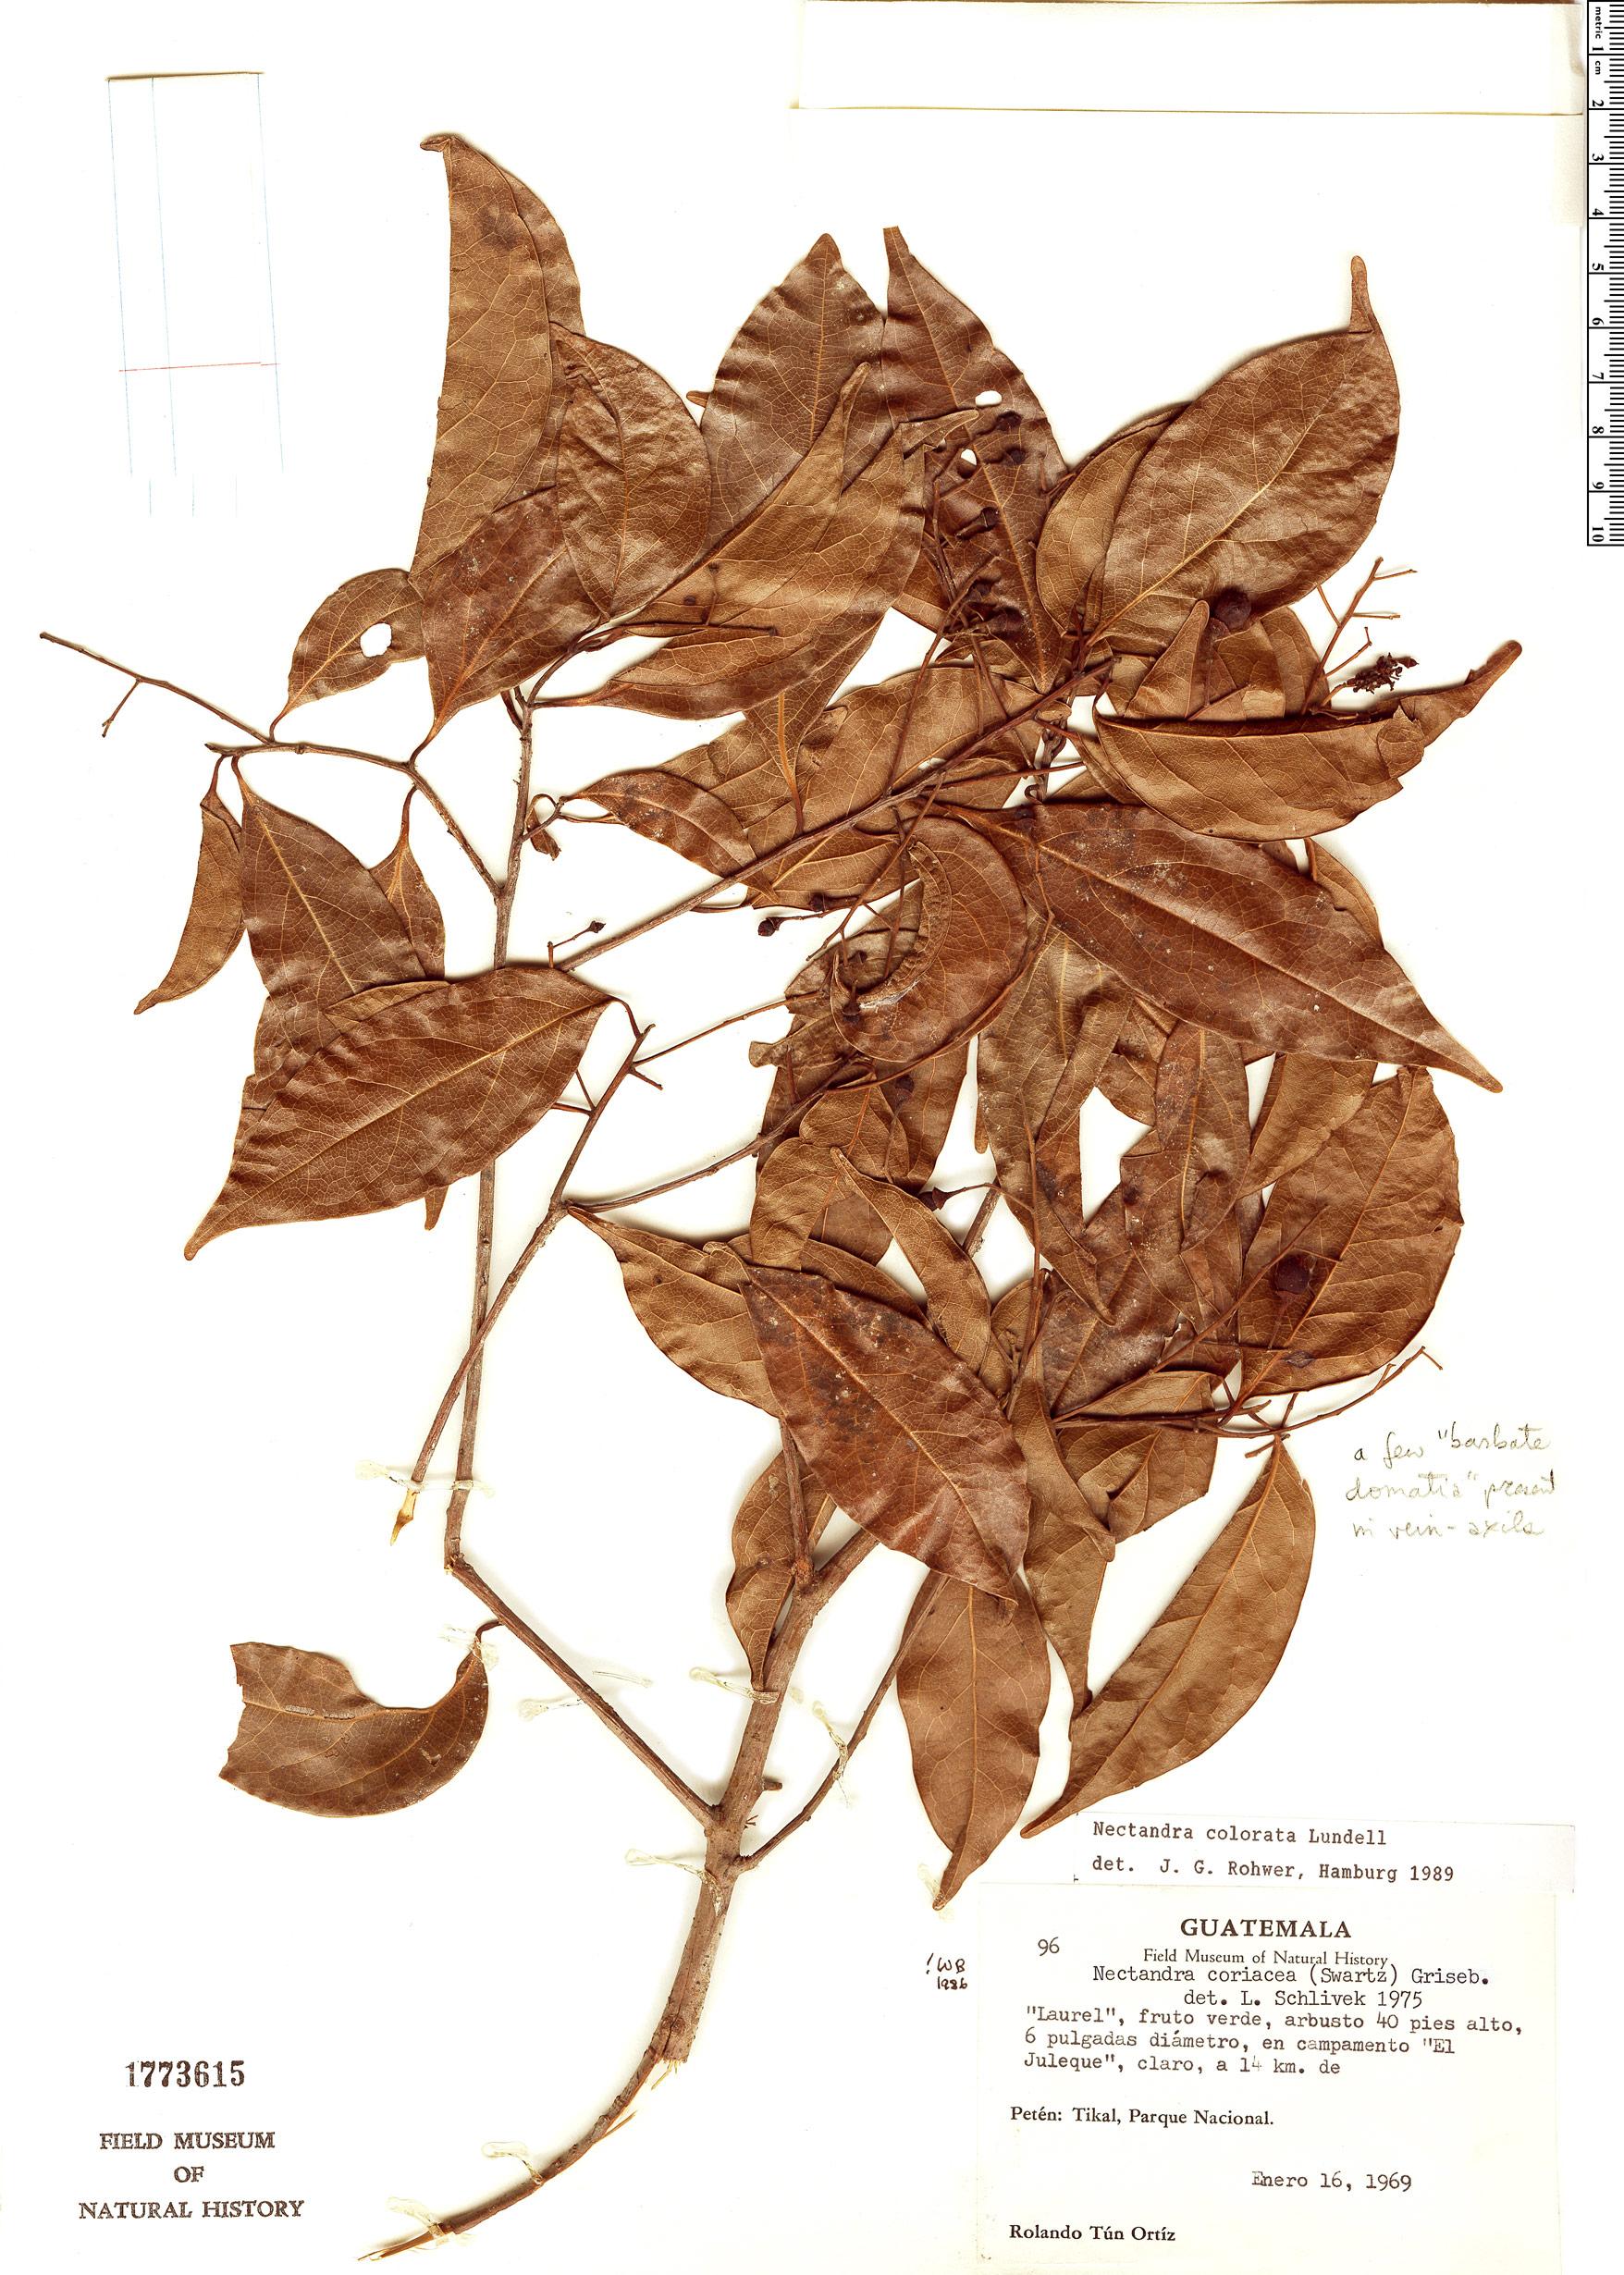 Specimen: Nectandra colorata